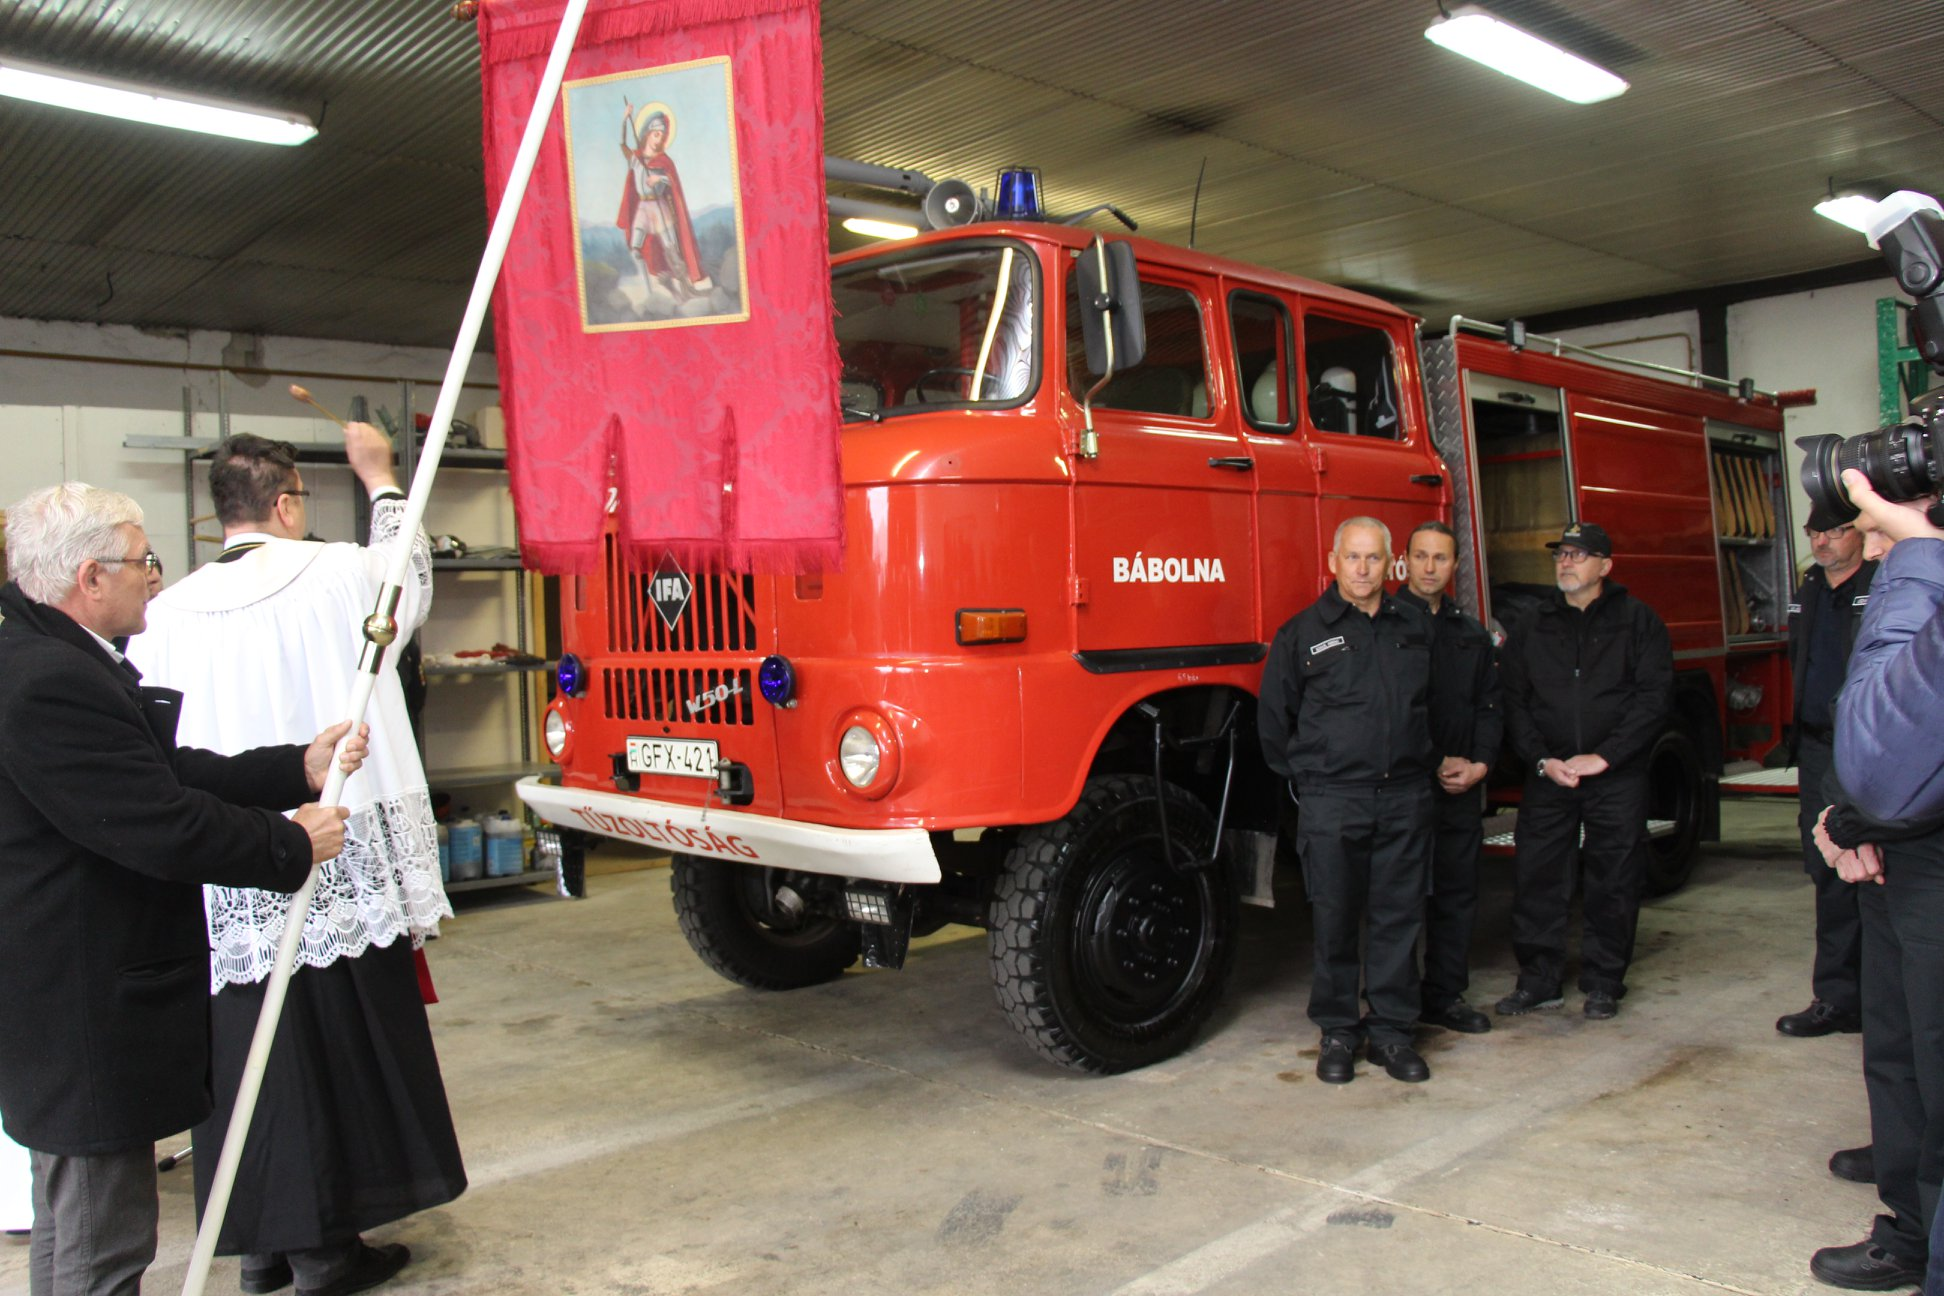 Czunyiné átadott egy IFA tűzoltóautót, amit még Kádár idején gyártottak az NDK-ban